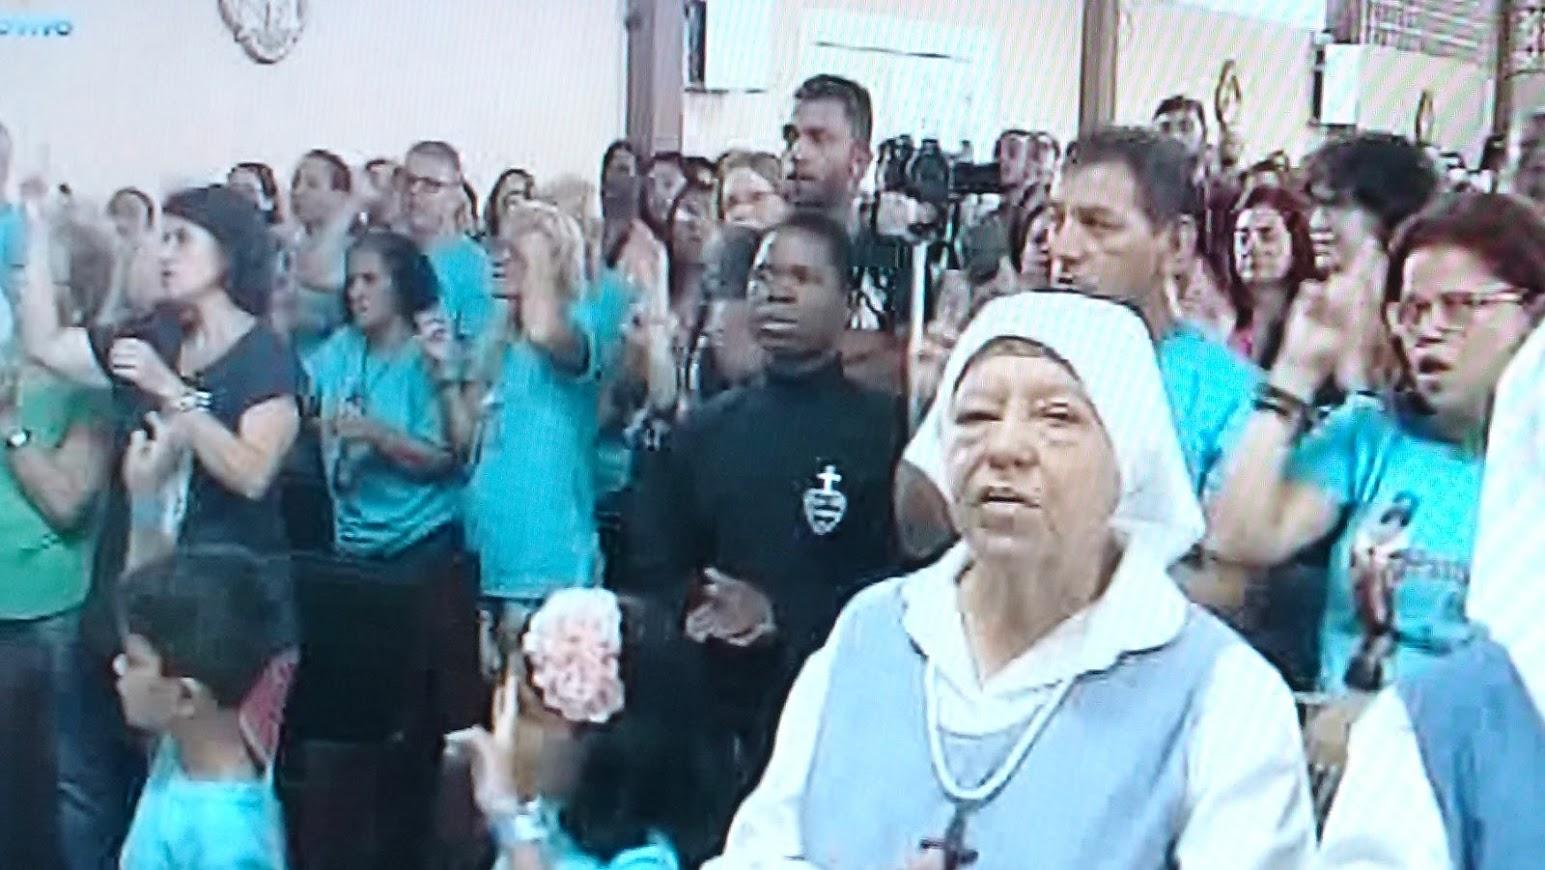 Surdos e ouvintes dentro do Santuário Jesus Crucificado. Romaria à Porto das Caixas, Itaboraí RJ